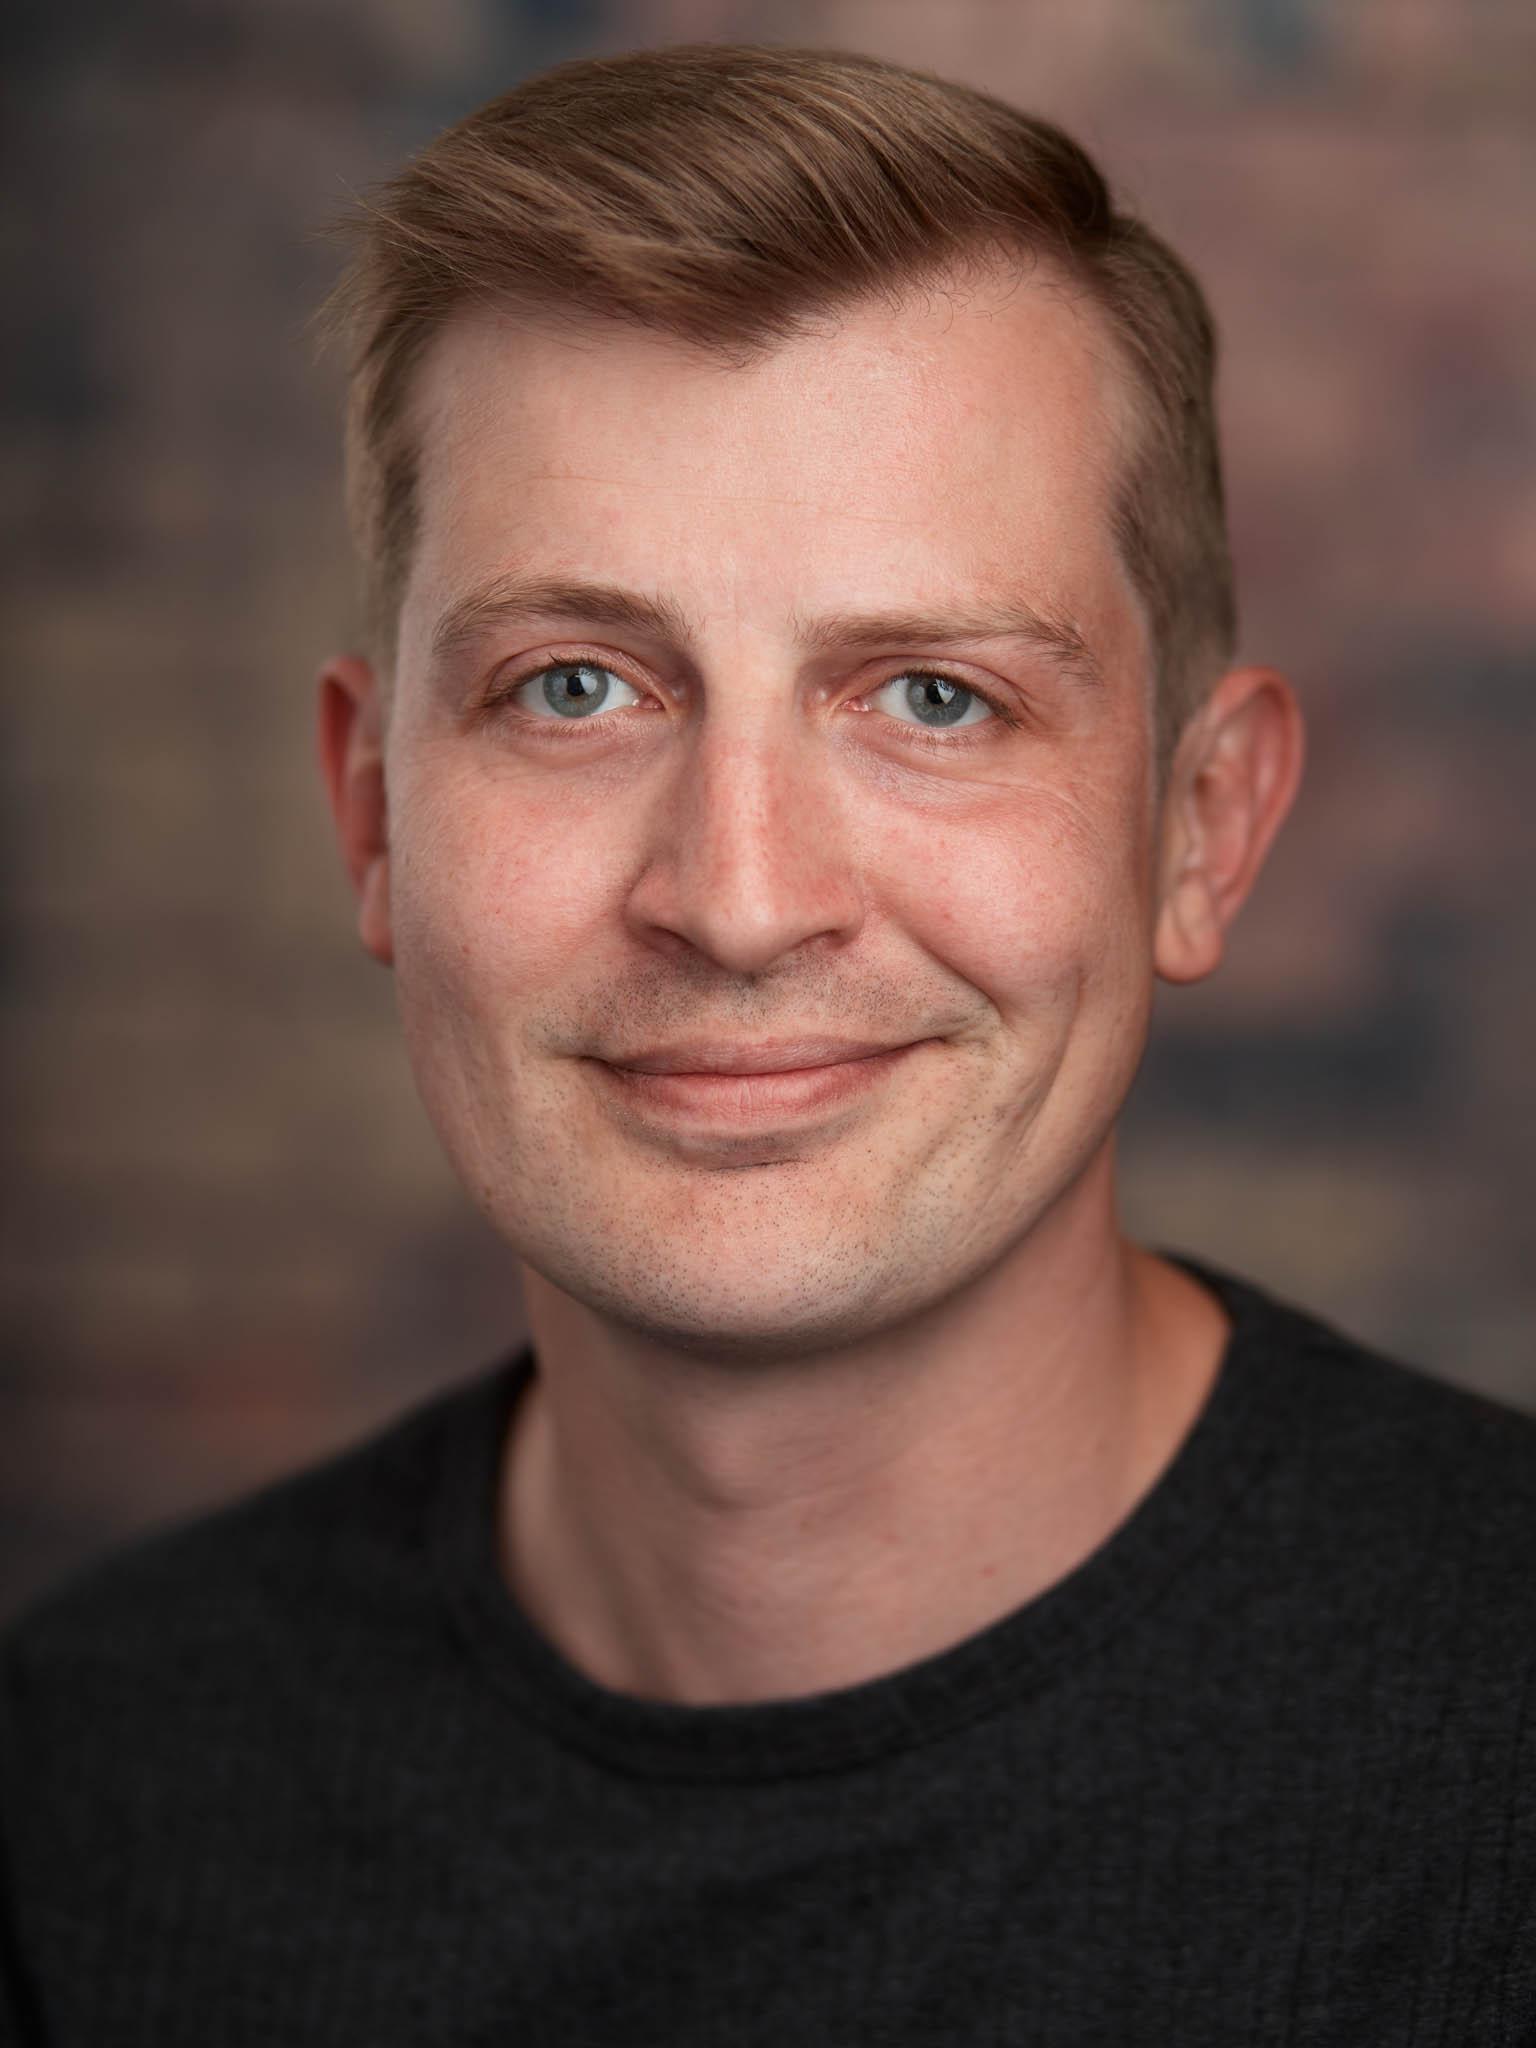 Christopher Everett